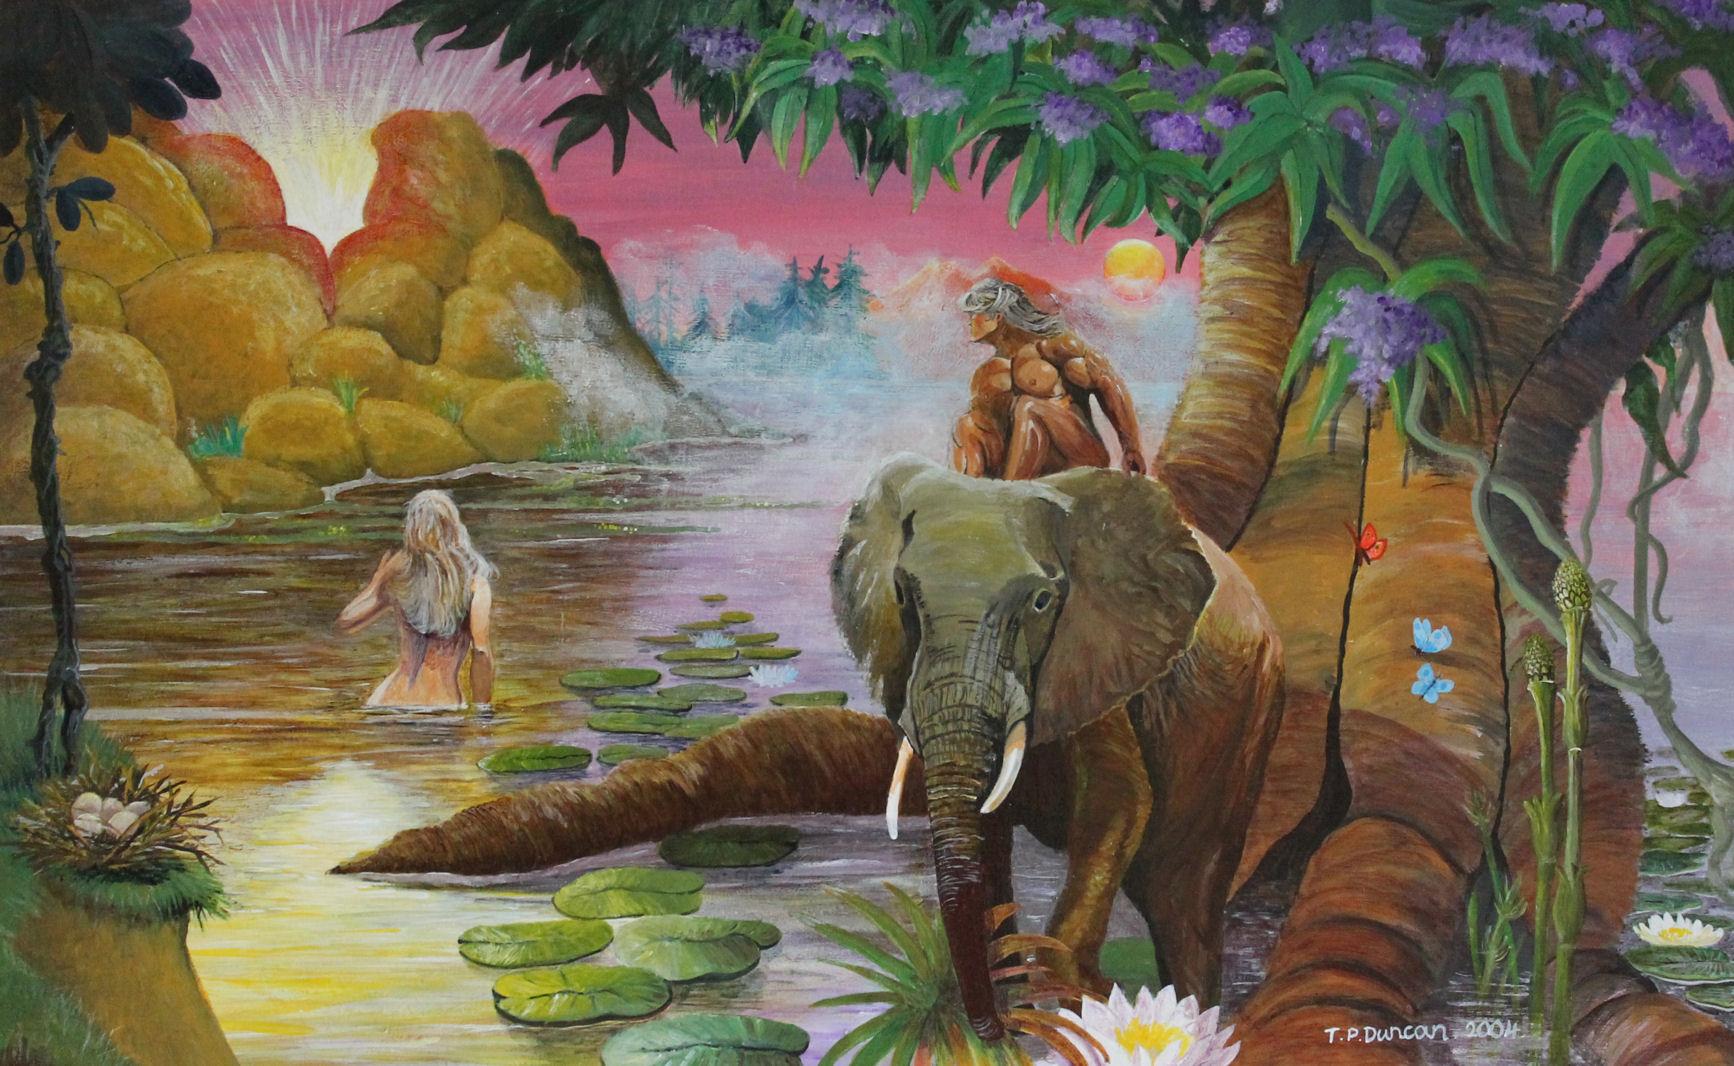 Meeting with God in the Garden of Eden   Trevor Duncan   Foundmyself